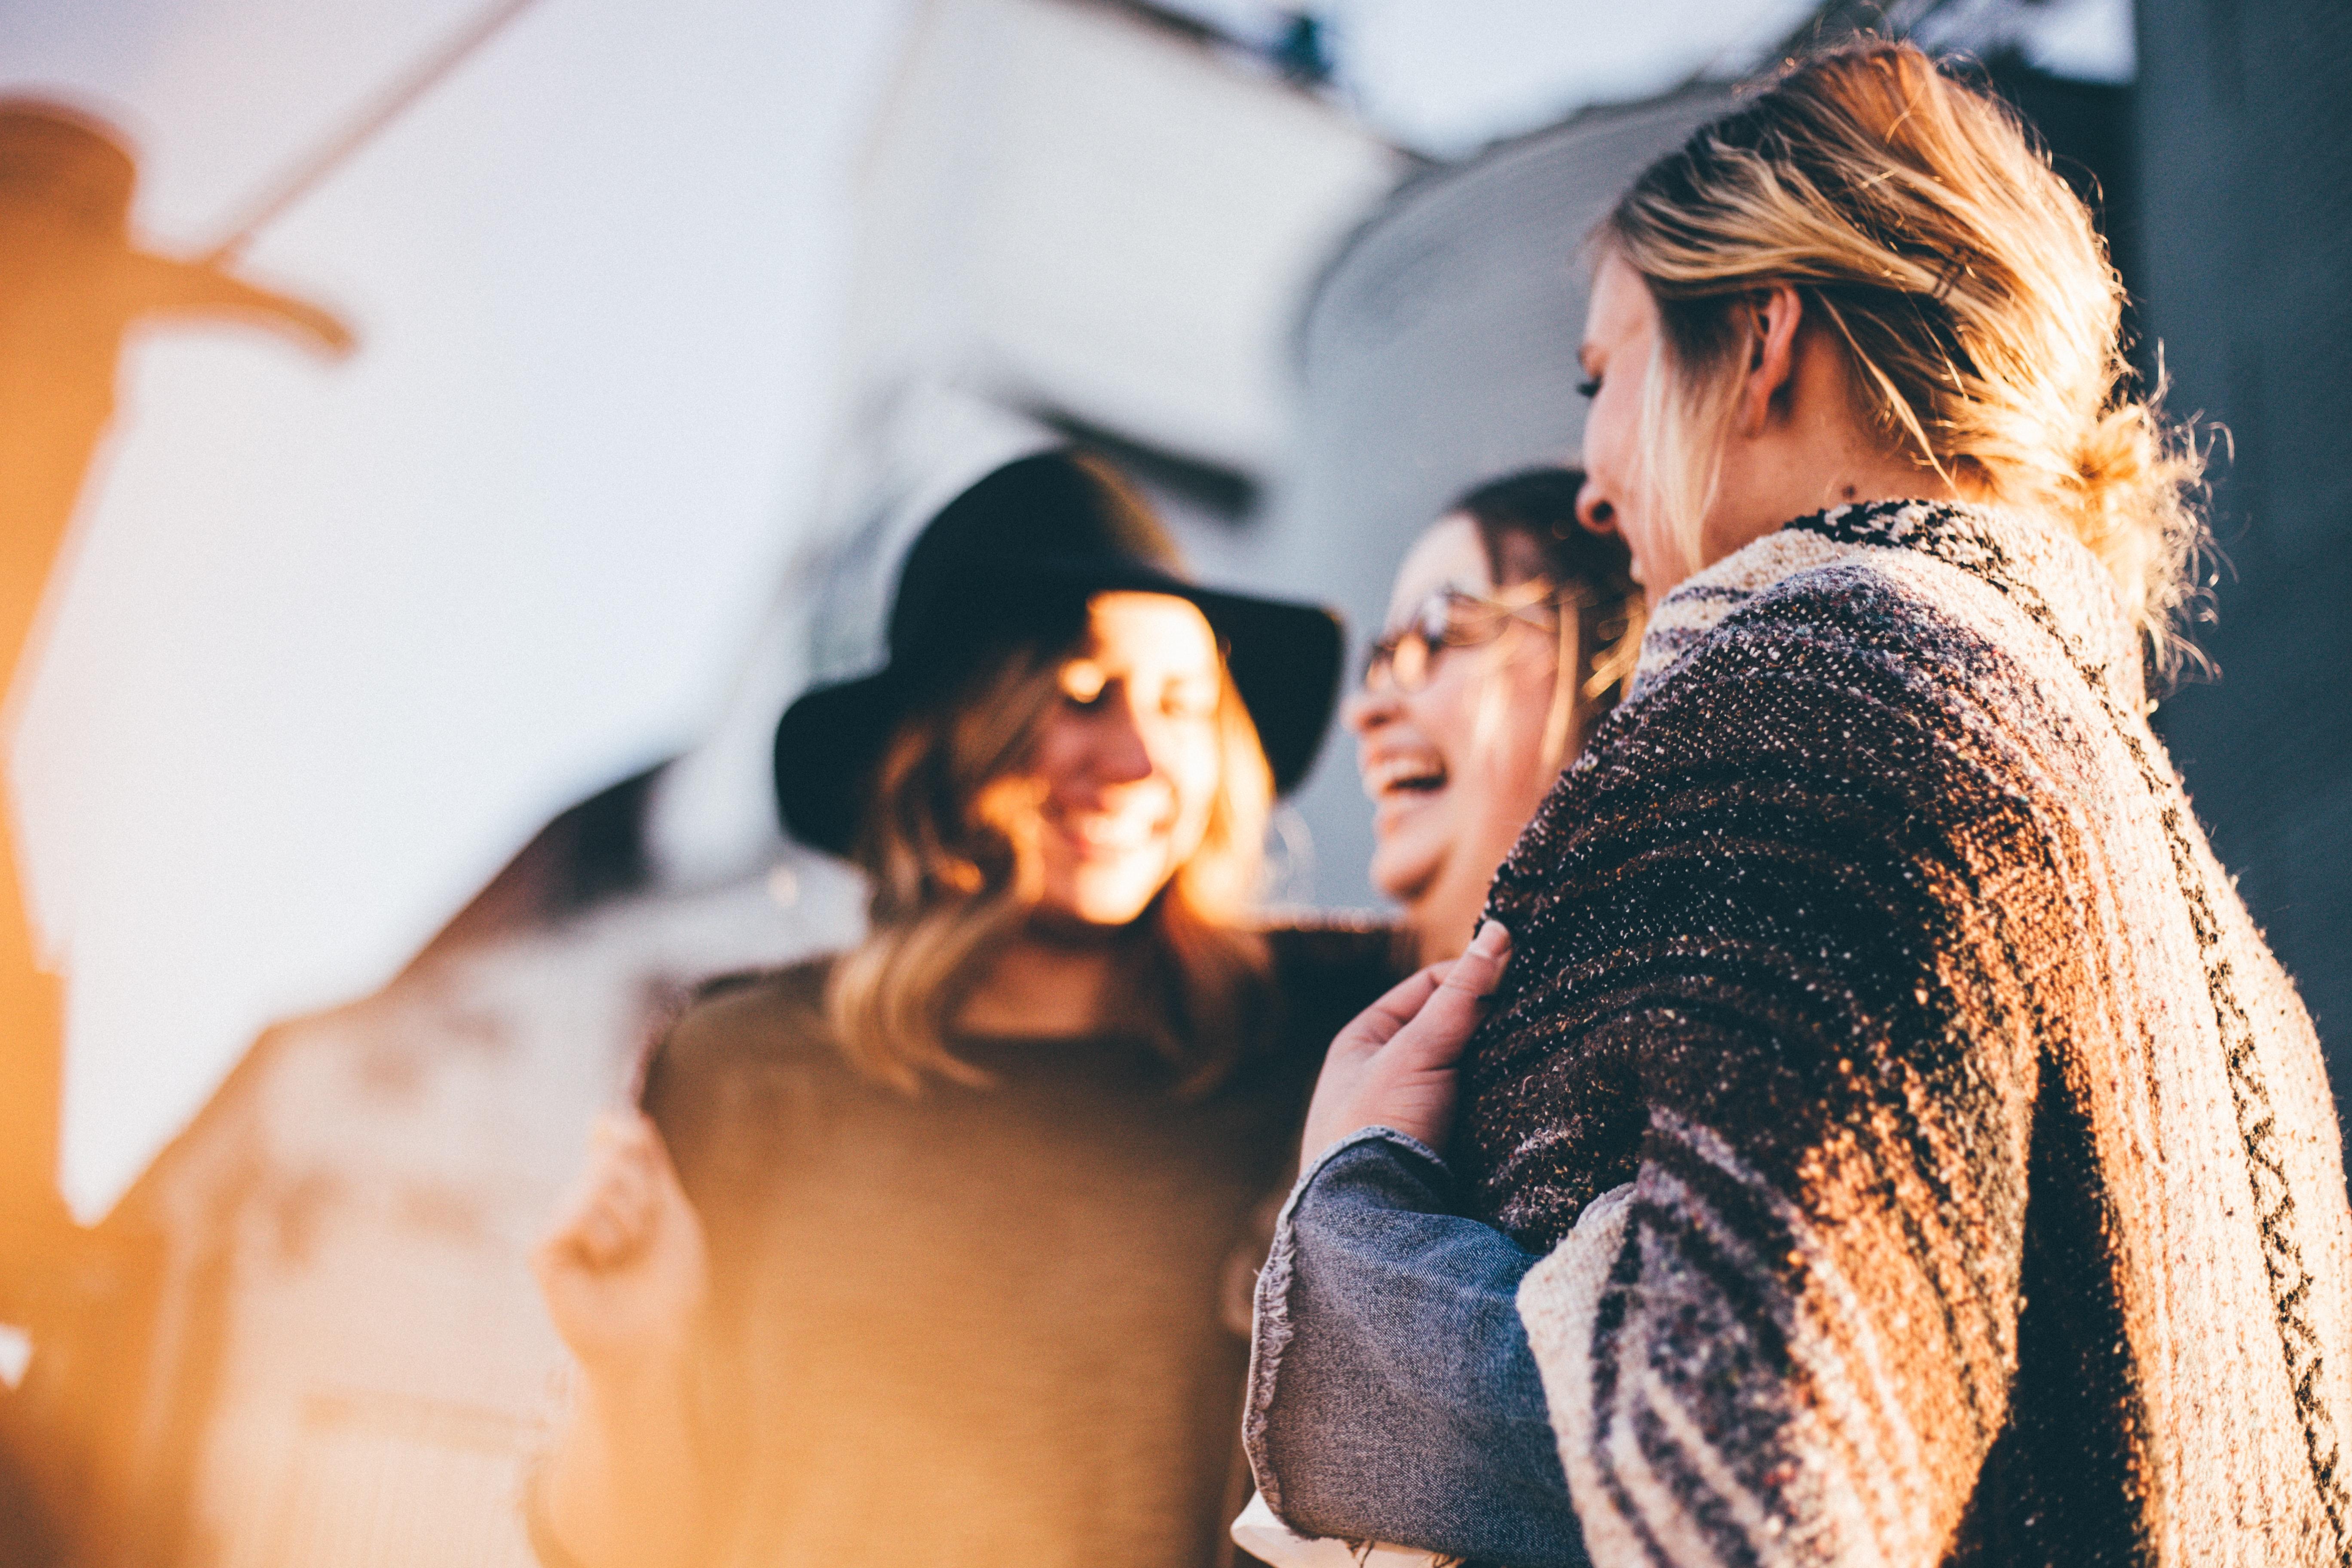 vaincre l'anxiété et la phobie sociale